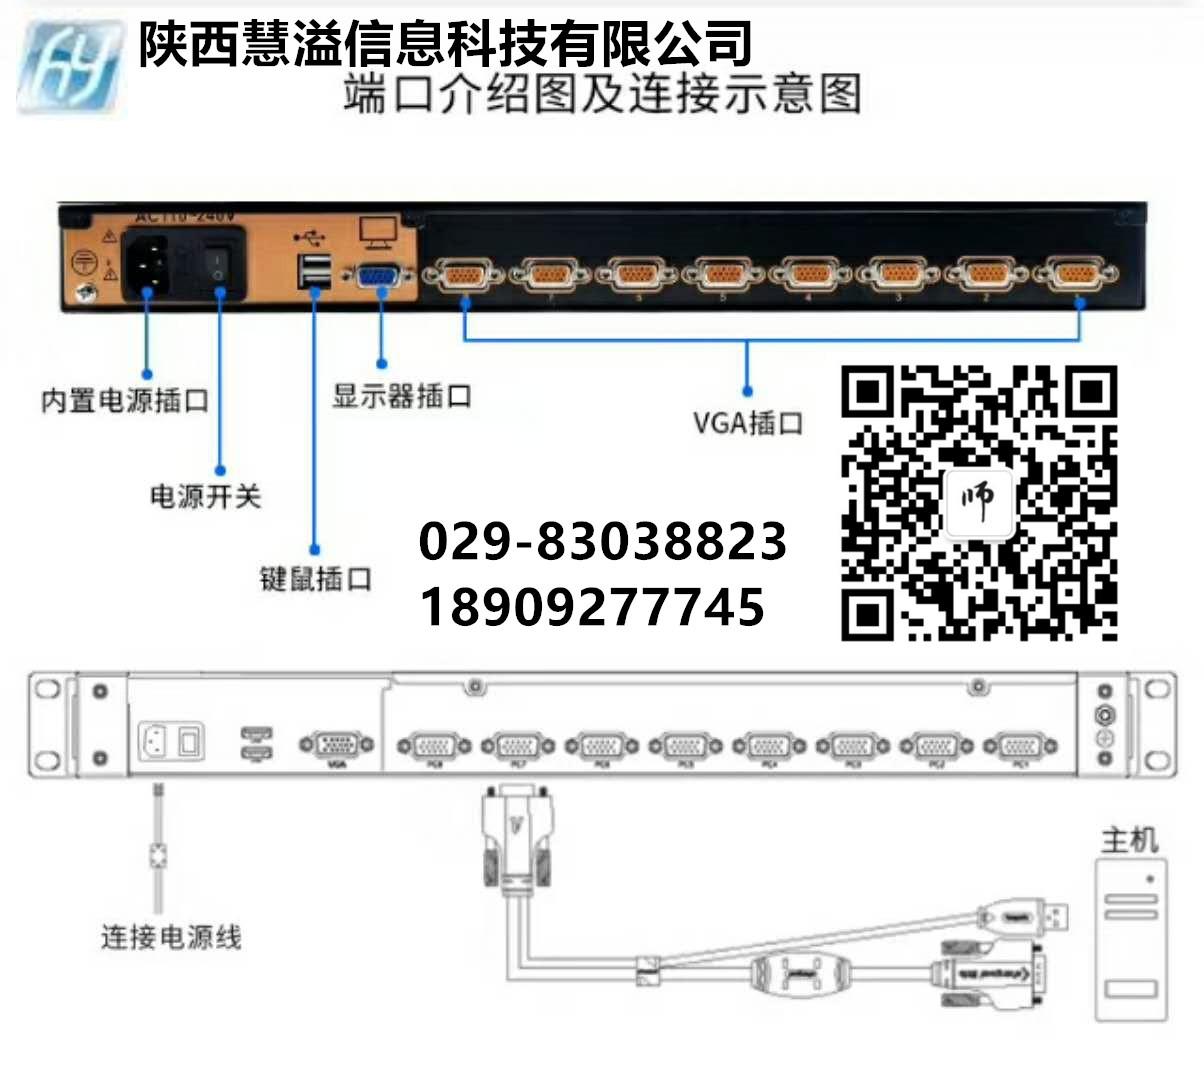 成都多通道多控kvm切换器,机房集中控管KVM系统,切换器